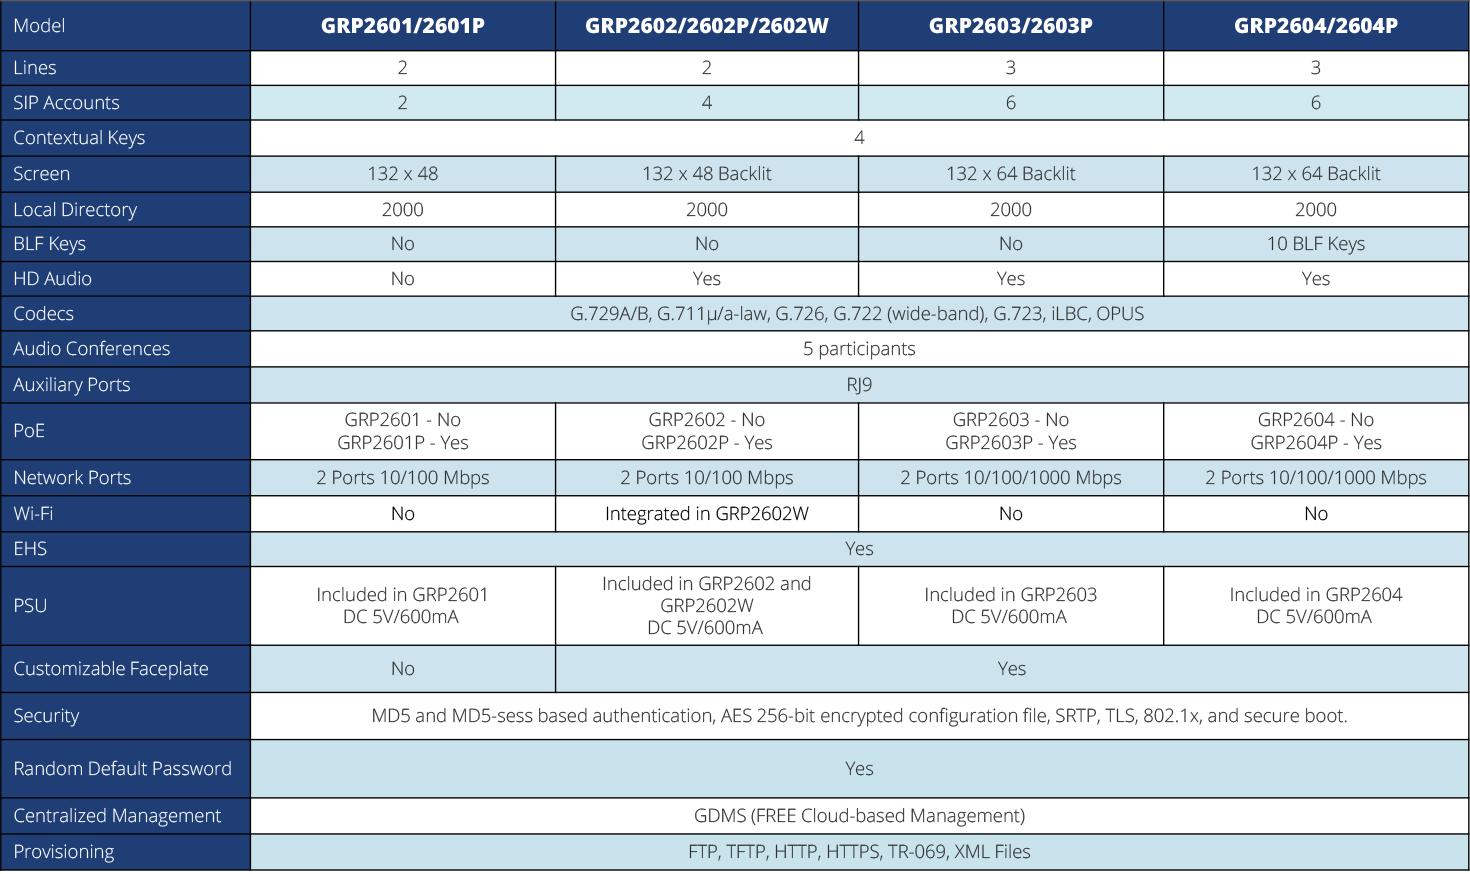 GRP2600 Comparison Table